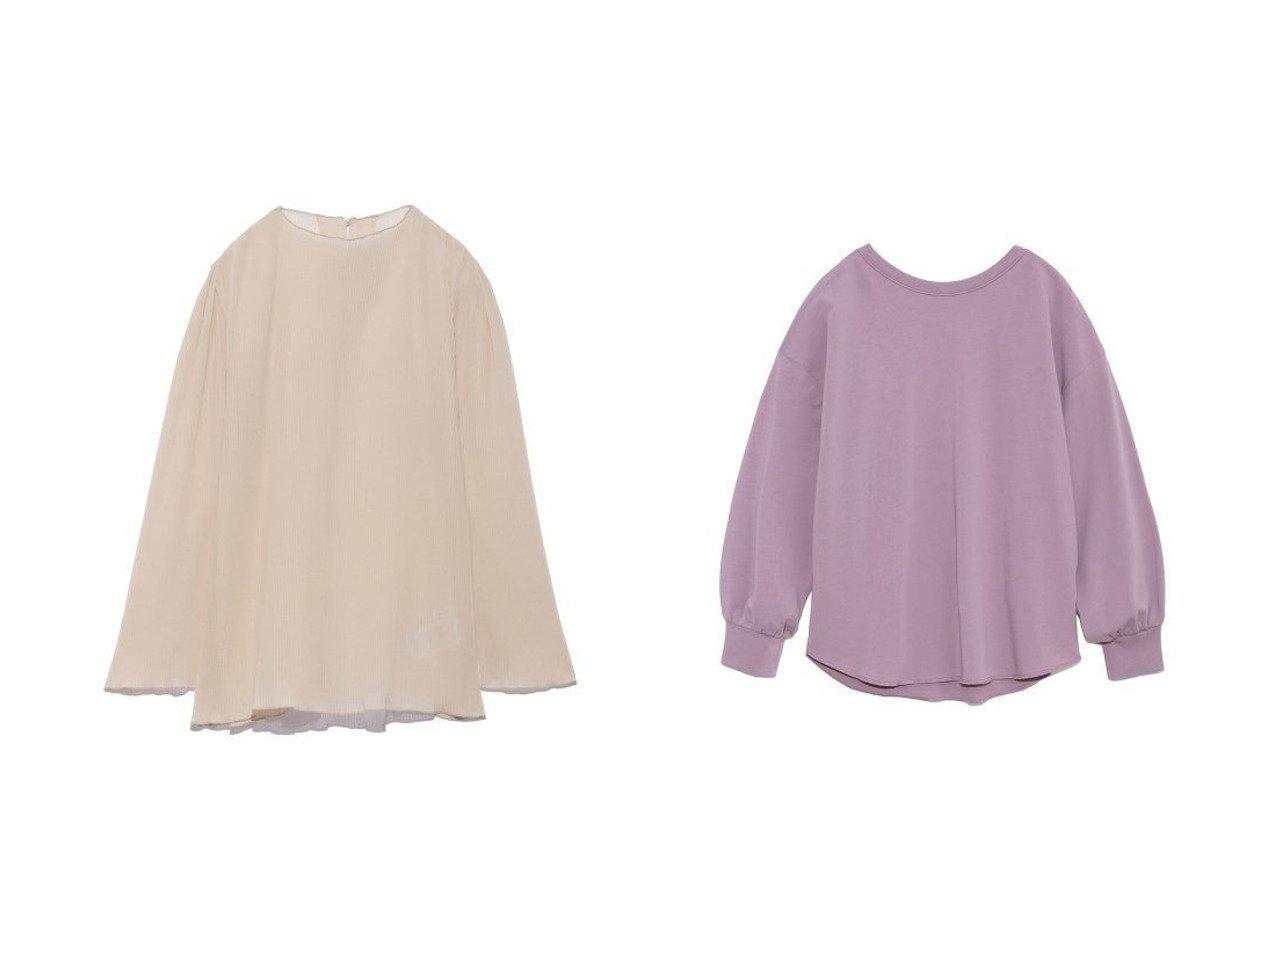 【Mila Owen/ミラオーウェン】のSET UP背中あきロングシャツ&【SNIDEL/スナイデル】のプリーツシアーブラウス 【トップス・カットソー】おすすめ!人気、トレンド・レディースファッションの通販 おすすめで人気の流行・トレンド、ファッションの通販商品 メンズファッション・キッズファッション・インテリア・家具・レディースファッション・服の通販 founy(ファニー) https://founy.com/ ファッション Fashion レディースファッション WOMEN トップス・カットソー Tops/Tshirt シャツ/ブラウス Shirts/Blouses ロング / Tシャツ T-Shirts カットソー Cut and Sewn インナー キャミソール キャミワンピース スマート ドット プリント プリーツ 再入荷 Restock/Back in Stock/Re Arrival おすすめ Recommend ウォッシャブル カットソー シンプル パープル ロング ワーク |ID:crp329100000028775